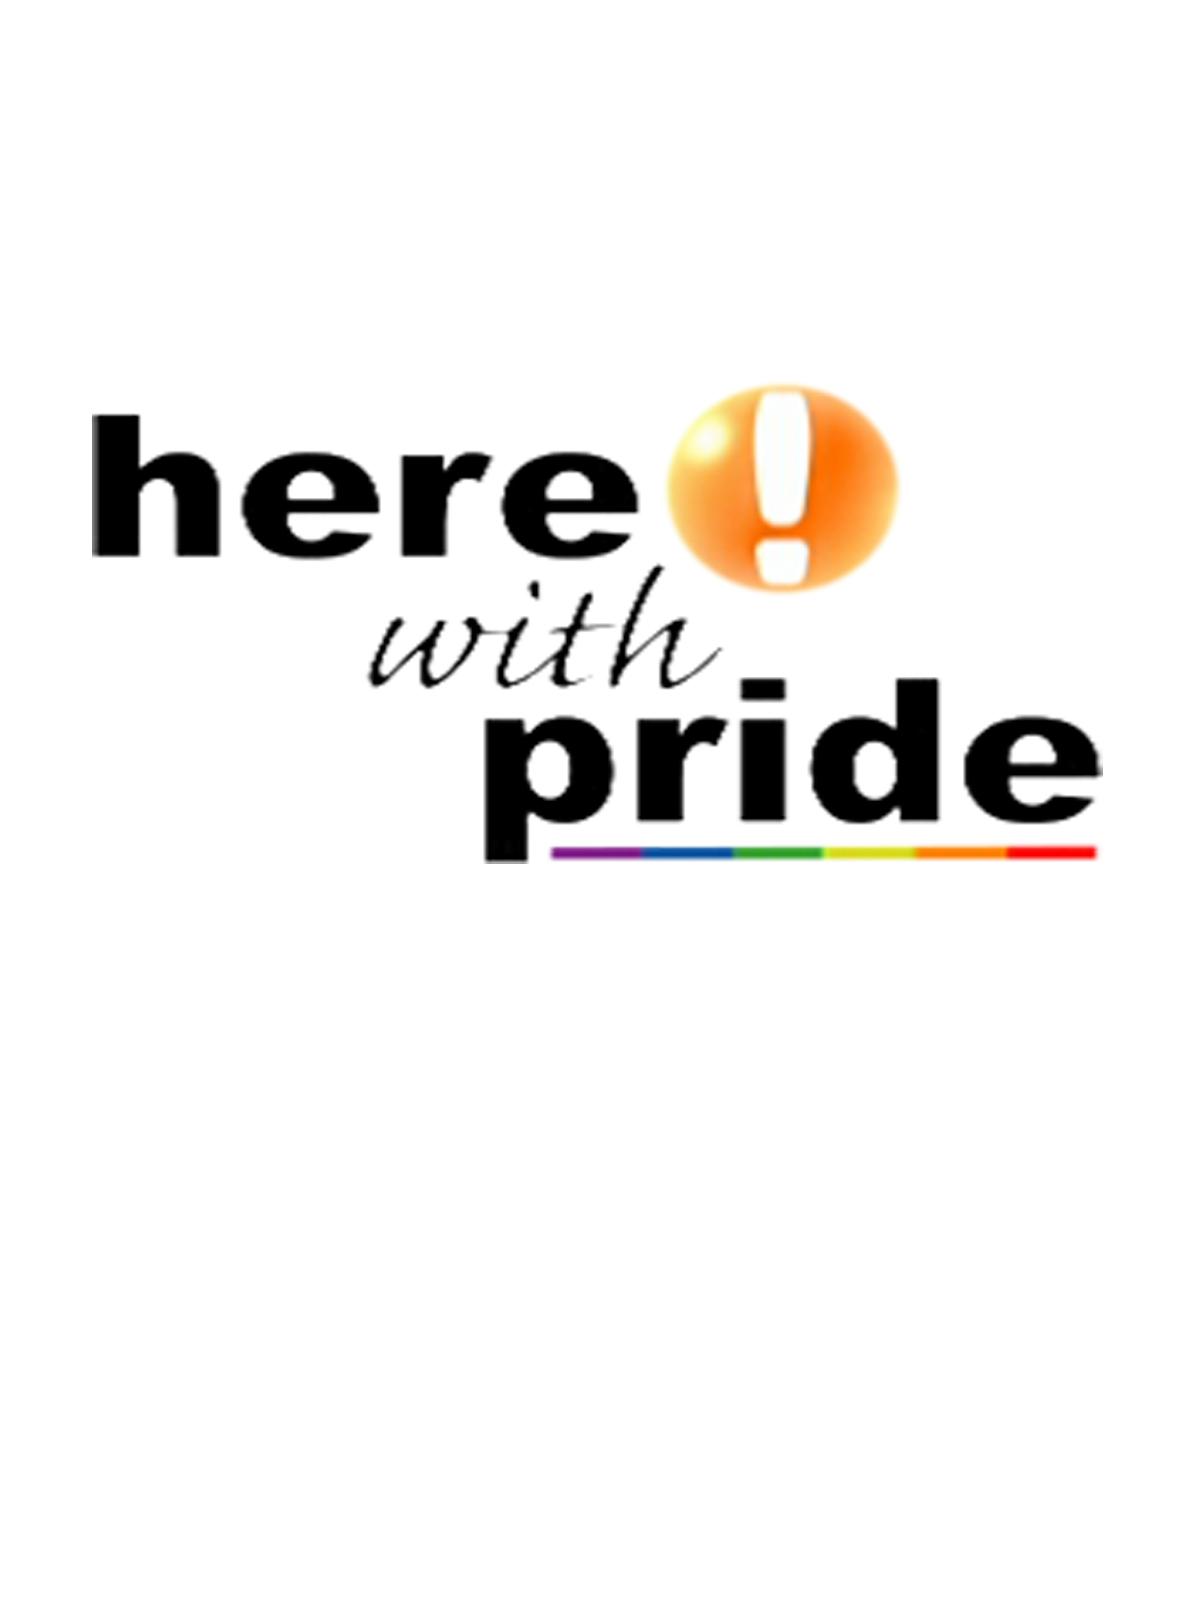 Here-HereWithPride-Full-Image-en-US.jpg